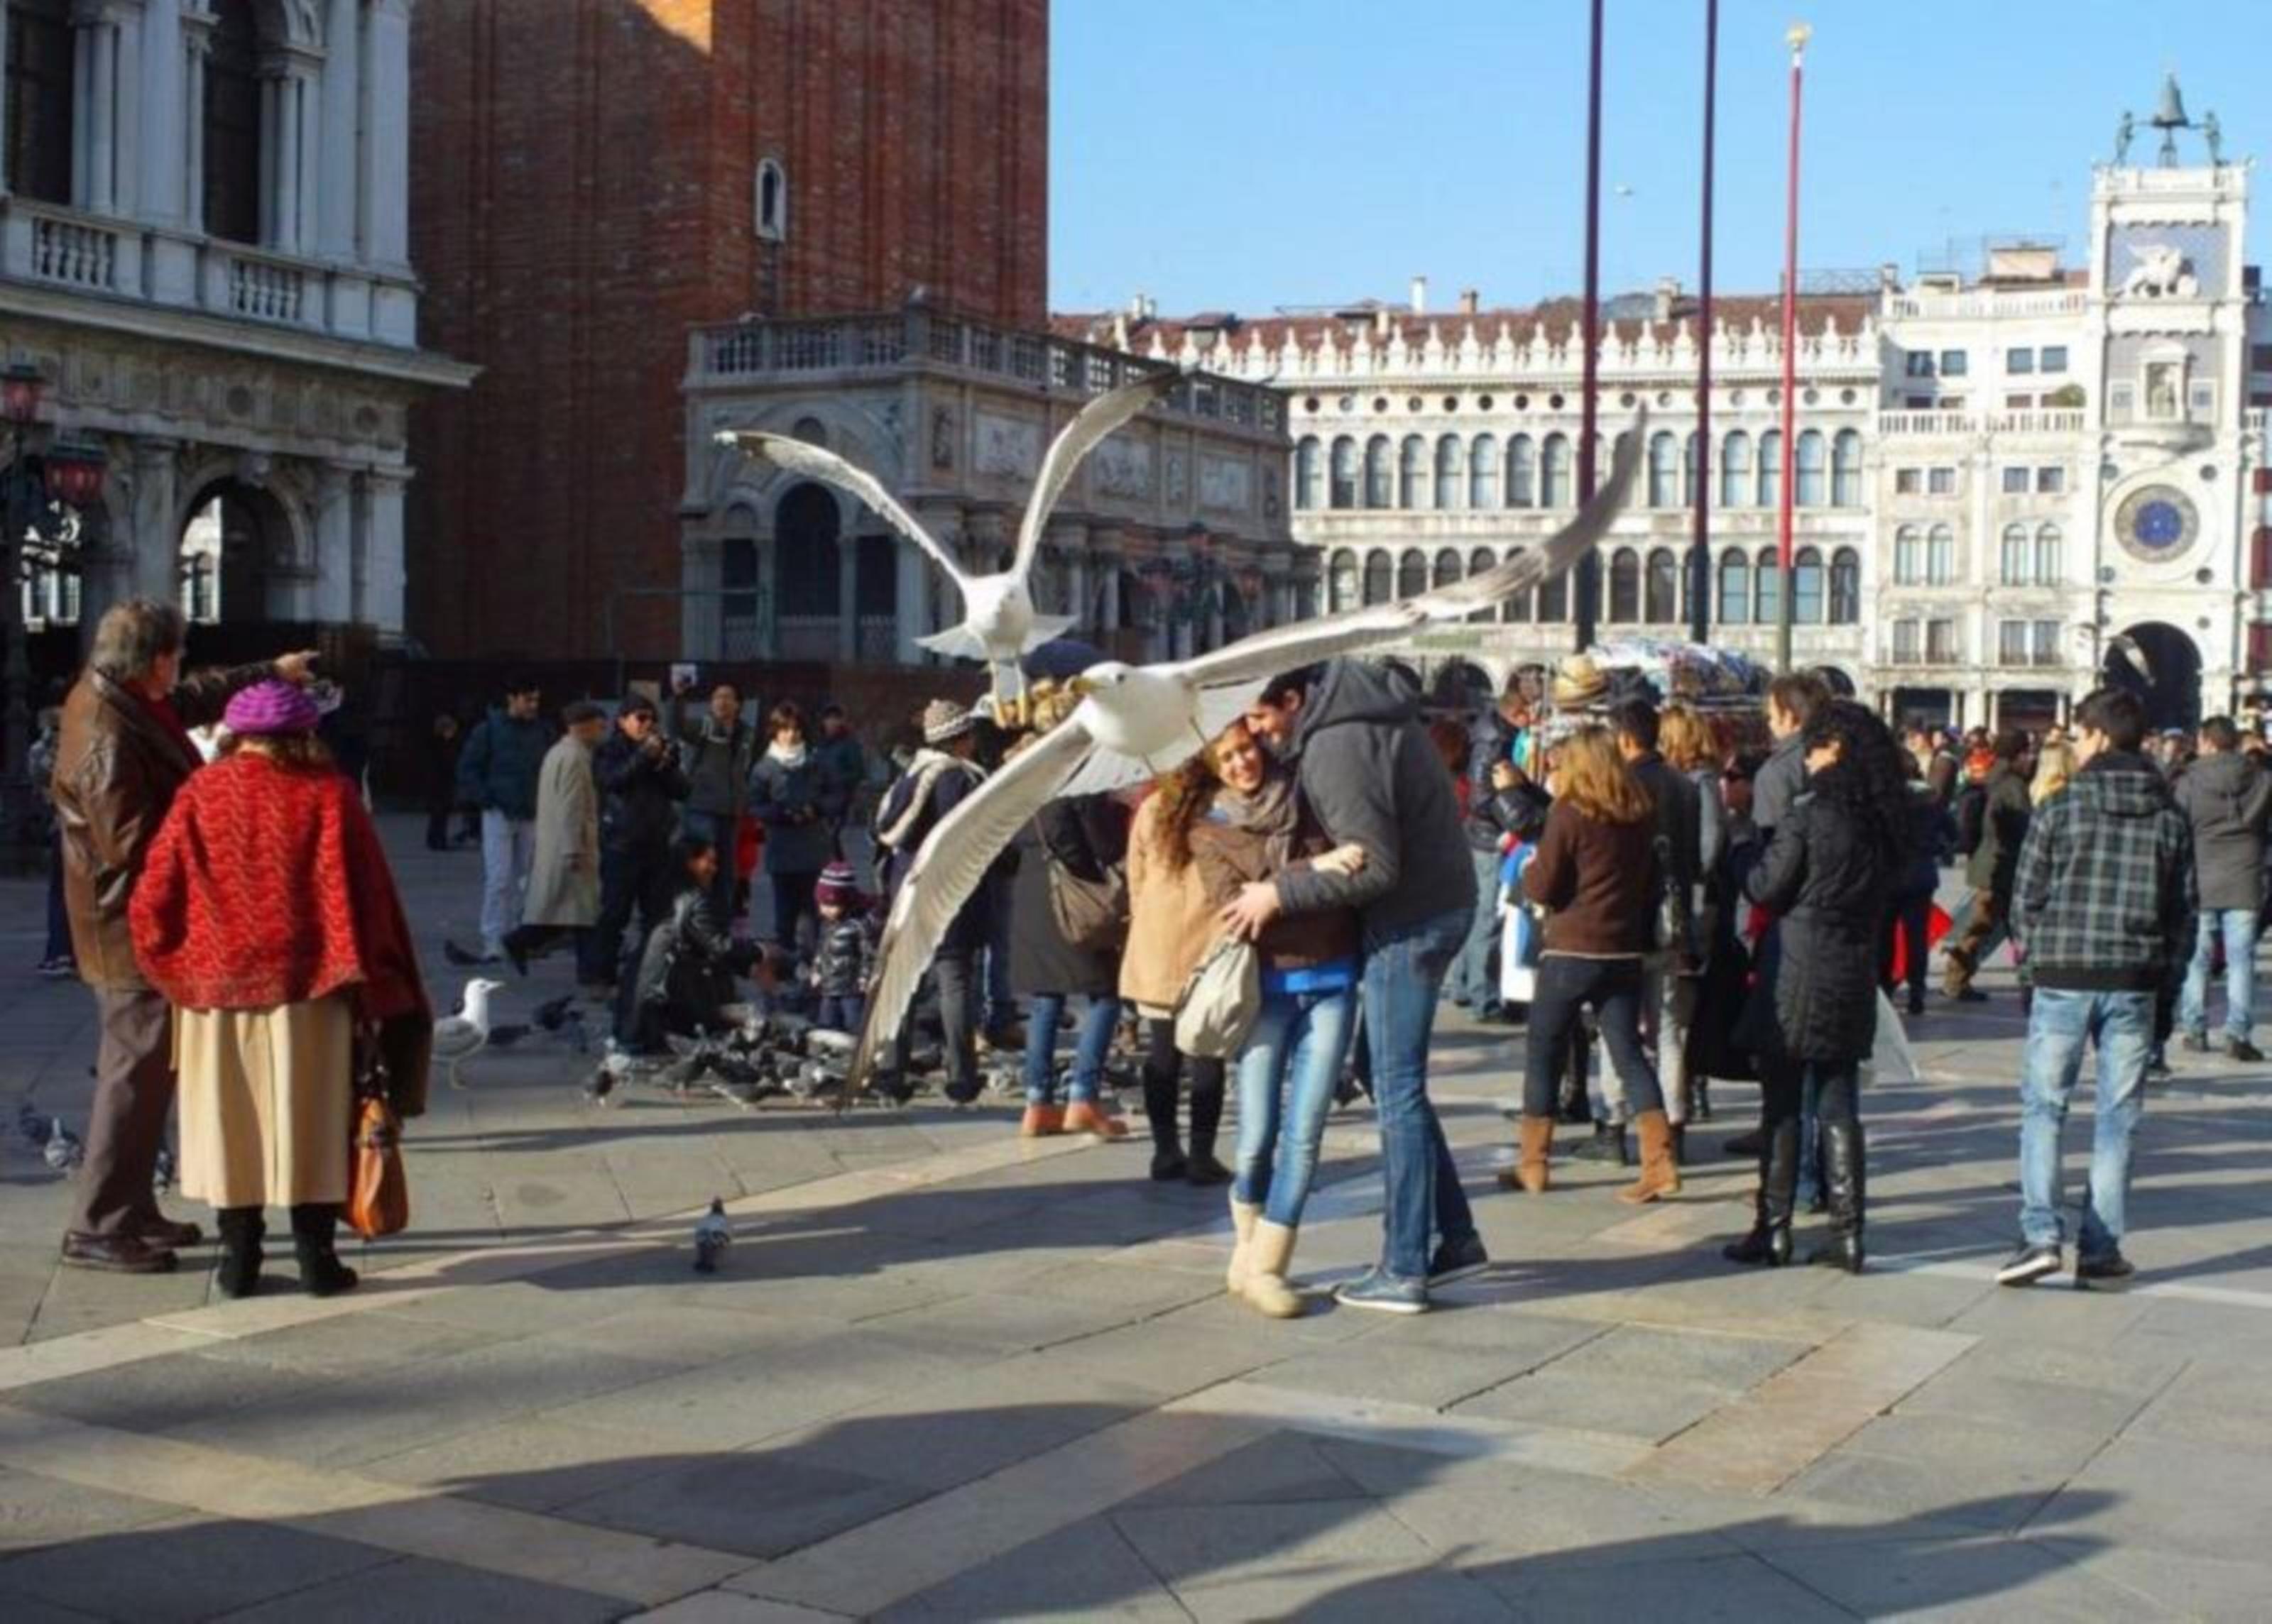 El amor en la Plaza San Marcos, Venecia (2011) - Liliana Durán Torreyes - Laura Edelstein